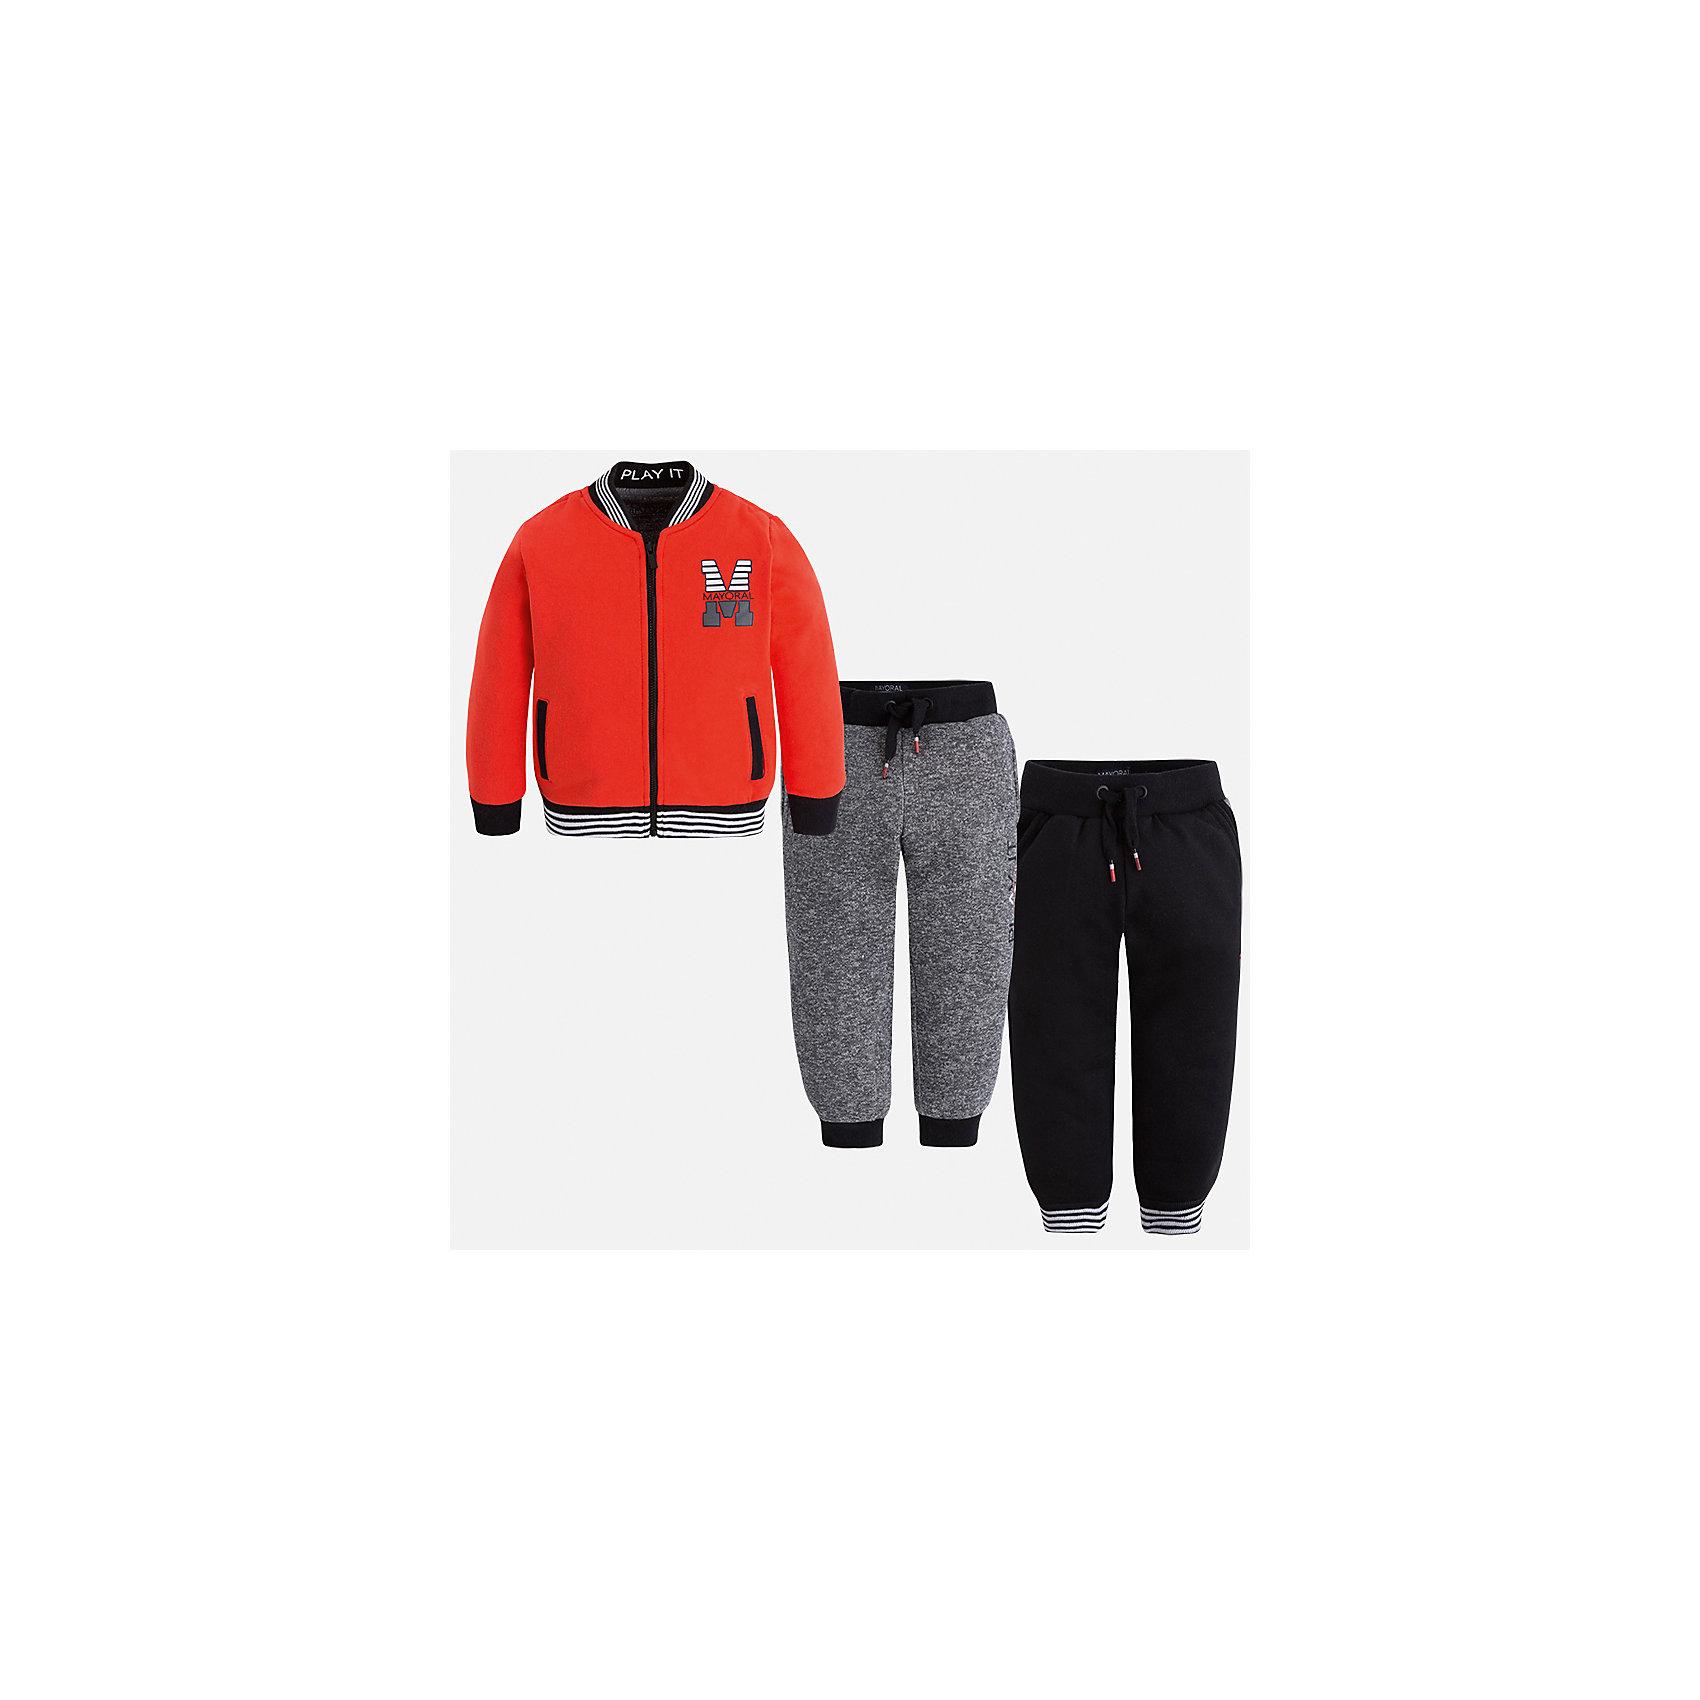 Спортивный костюм для мальчика MayoralКомплекты<br>Характеристики товара:<br><br>• цвет: красный<br>• состав ткани: 60% хлопок, 40% полиэстер<br>• комплектация: куртка, 2 брюк<br>• сезон: демисезон<br>• особенности модели: спортивный стиль<br>• застежка: молния<br>• длинные рукава<br>• пояс брюк: резинка, шнурок<br>• страна бренда: Испания<br>• страна изготовитель: Индия<br><br>Детский спортивный комплект состоит из курточки и двух брюк. Спортивный костюм сделан из плотного приятного на ощупь материала. Благодаря продуманному крою детского спортивного костюма создаются комфортные условия для тела. Спортивный комплект для мальчика отличается стильный продуманным дизайном.<br><br>Спортивный костюм для мальчика Mayoral (Майорал) можно купить в нашем интернет-магазине.<br><br>Ширина мм: 247<br>Глубина мм: 16<br>Высота мм: 140<br>Вес г: 225<br>Цвет: красный<br>Возраст от месяцев: 96<br>Возраст до месяцев: 108<br>Пол: Мужской<br>Возраст: Детский<br>Размер: 134,92,98,104,110,116,122,128<br>SKU: 6933052